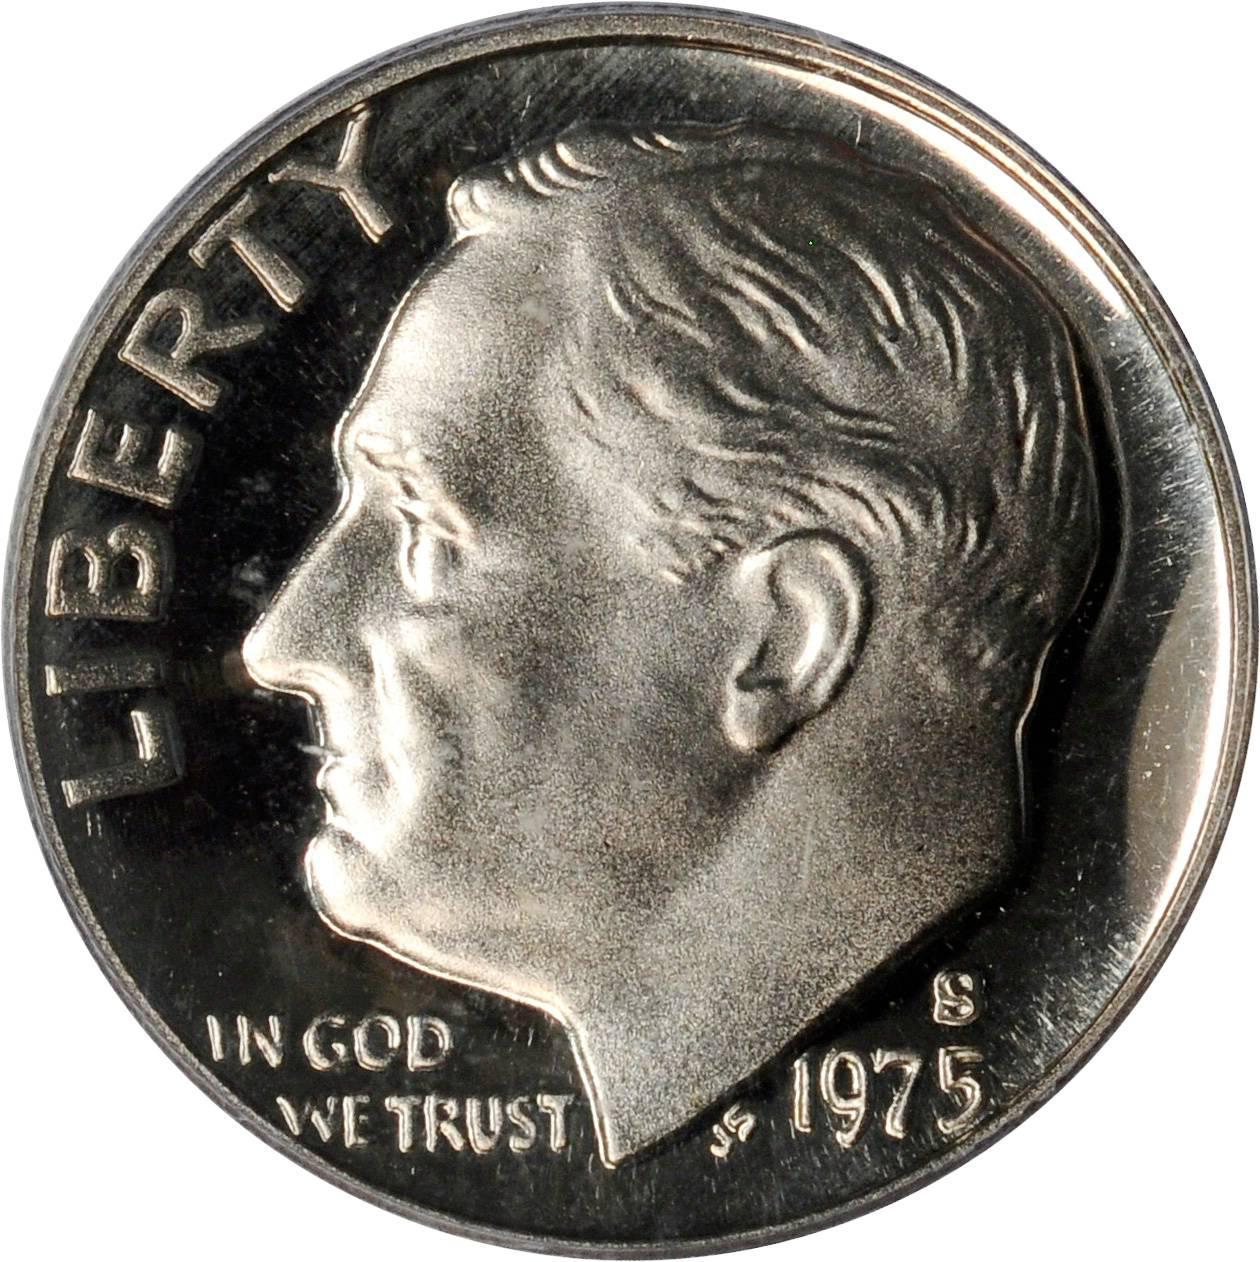 1903 silver coin